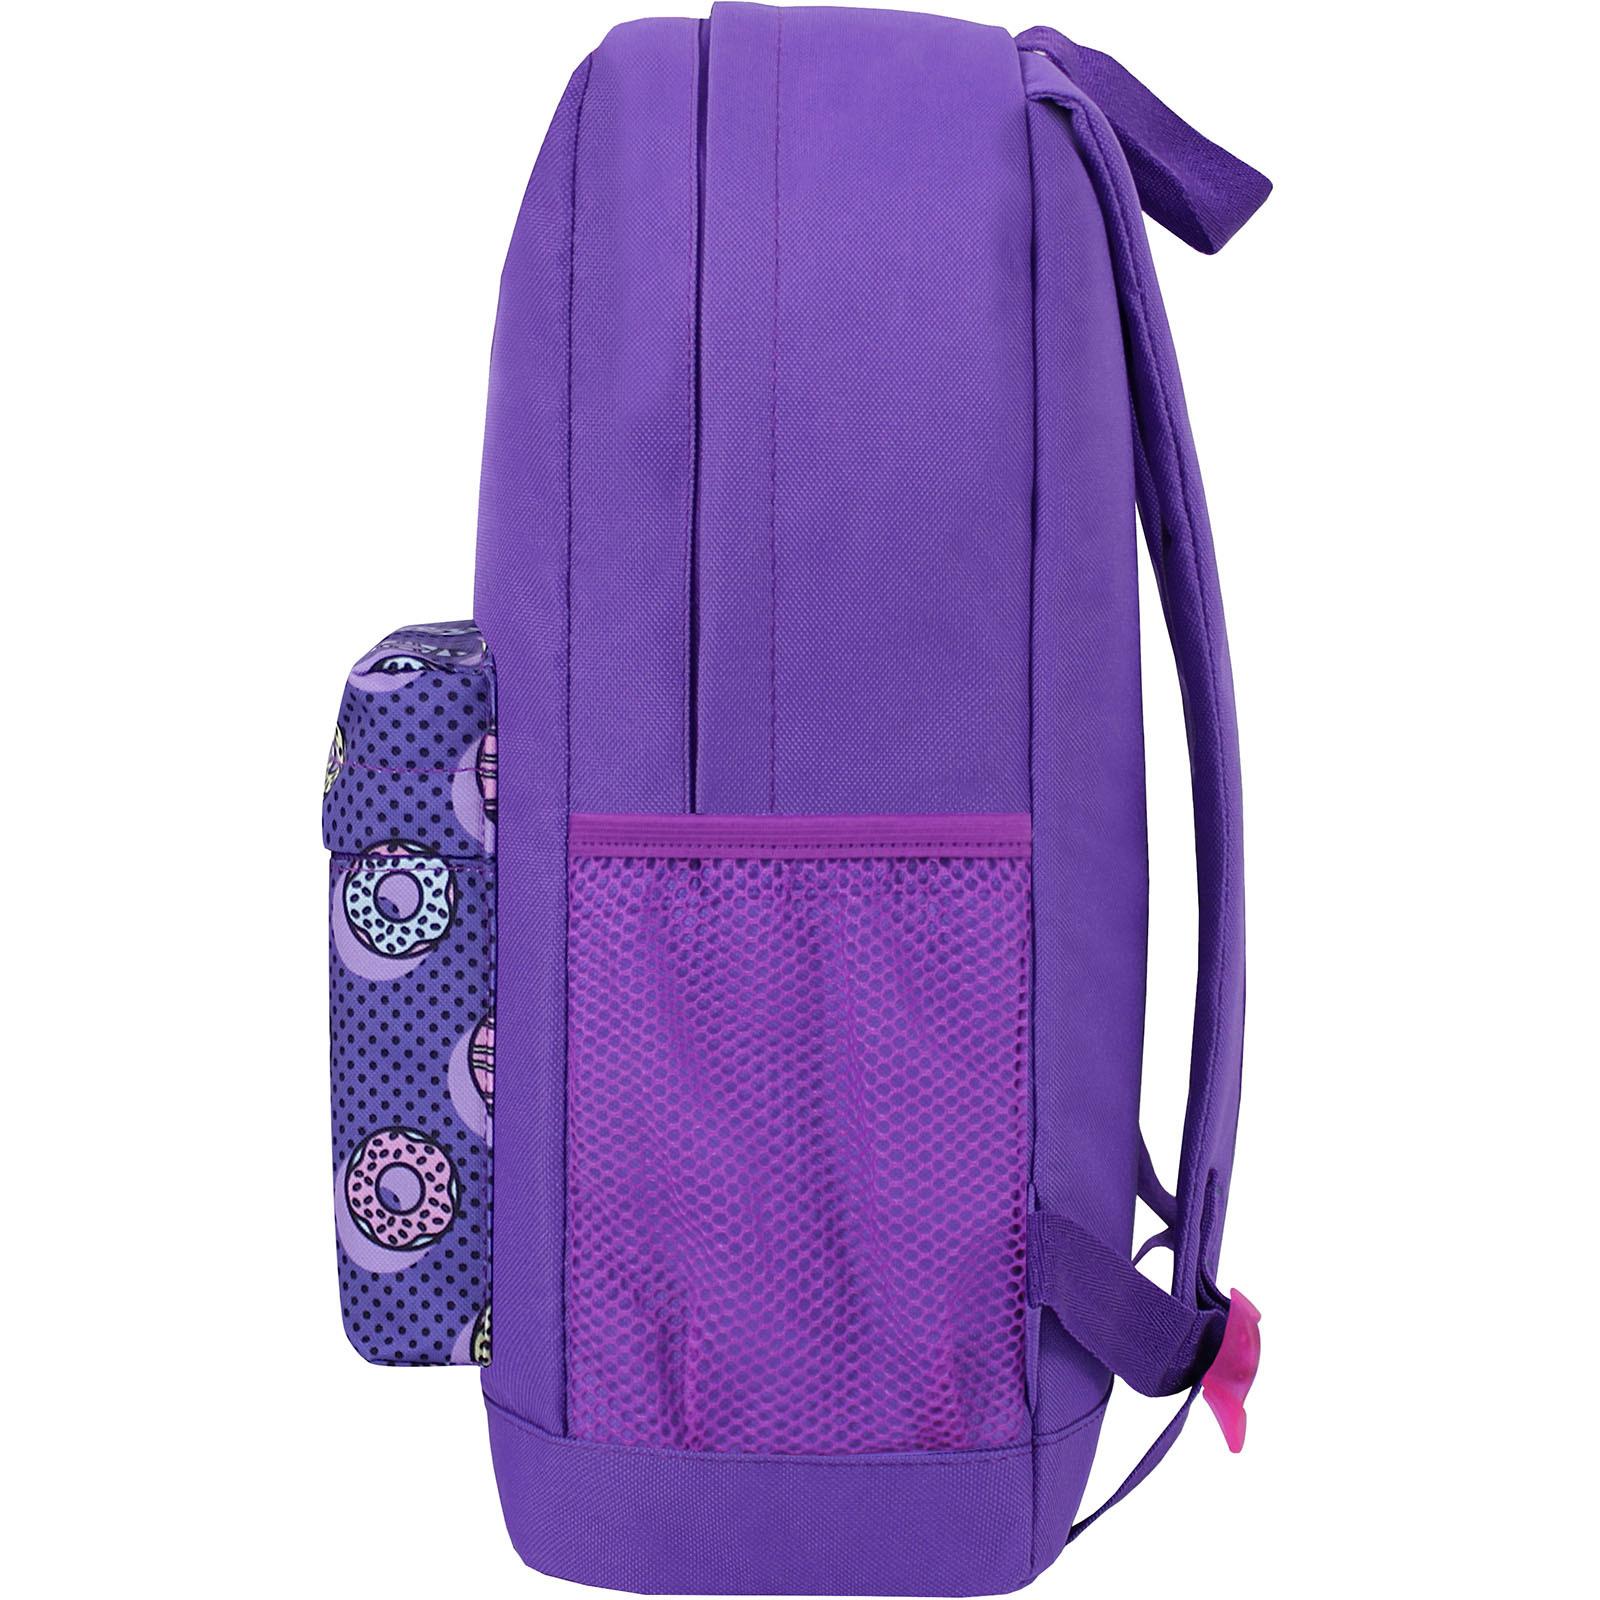 Рюкзак Bagland Молодежный W/R 17 л. 339 Фиолетовый 745 (00533662) фото 3